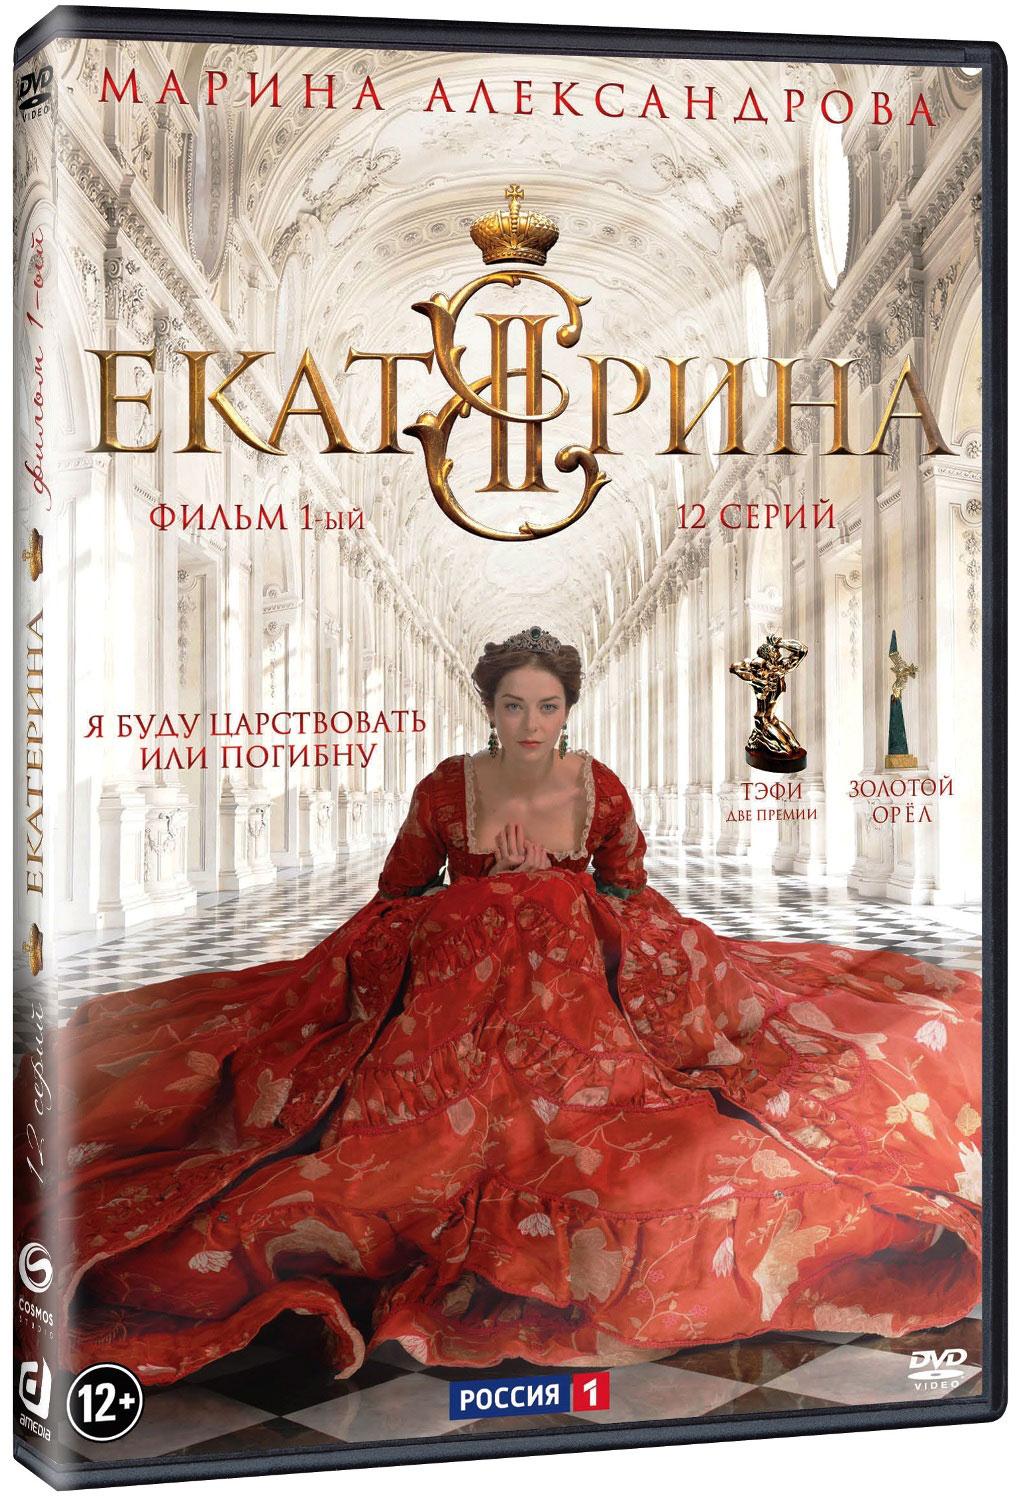 Высокобюджетный исторический многосерийный фильм удостоенный высших наград: премий